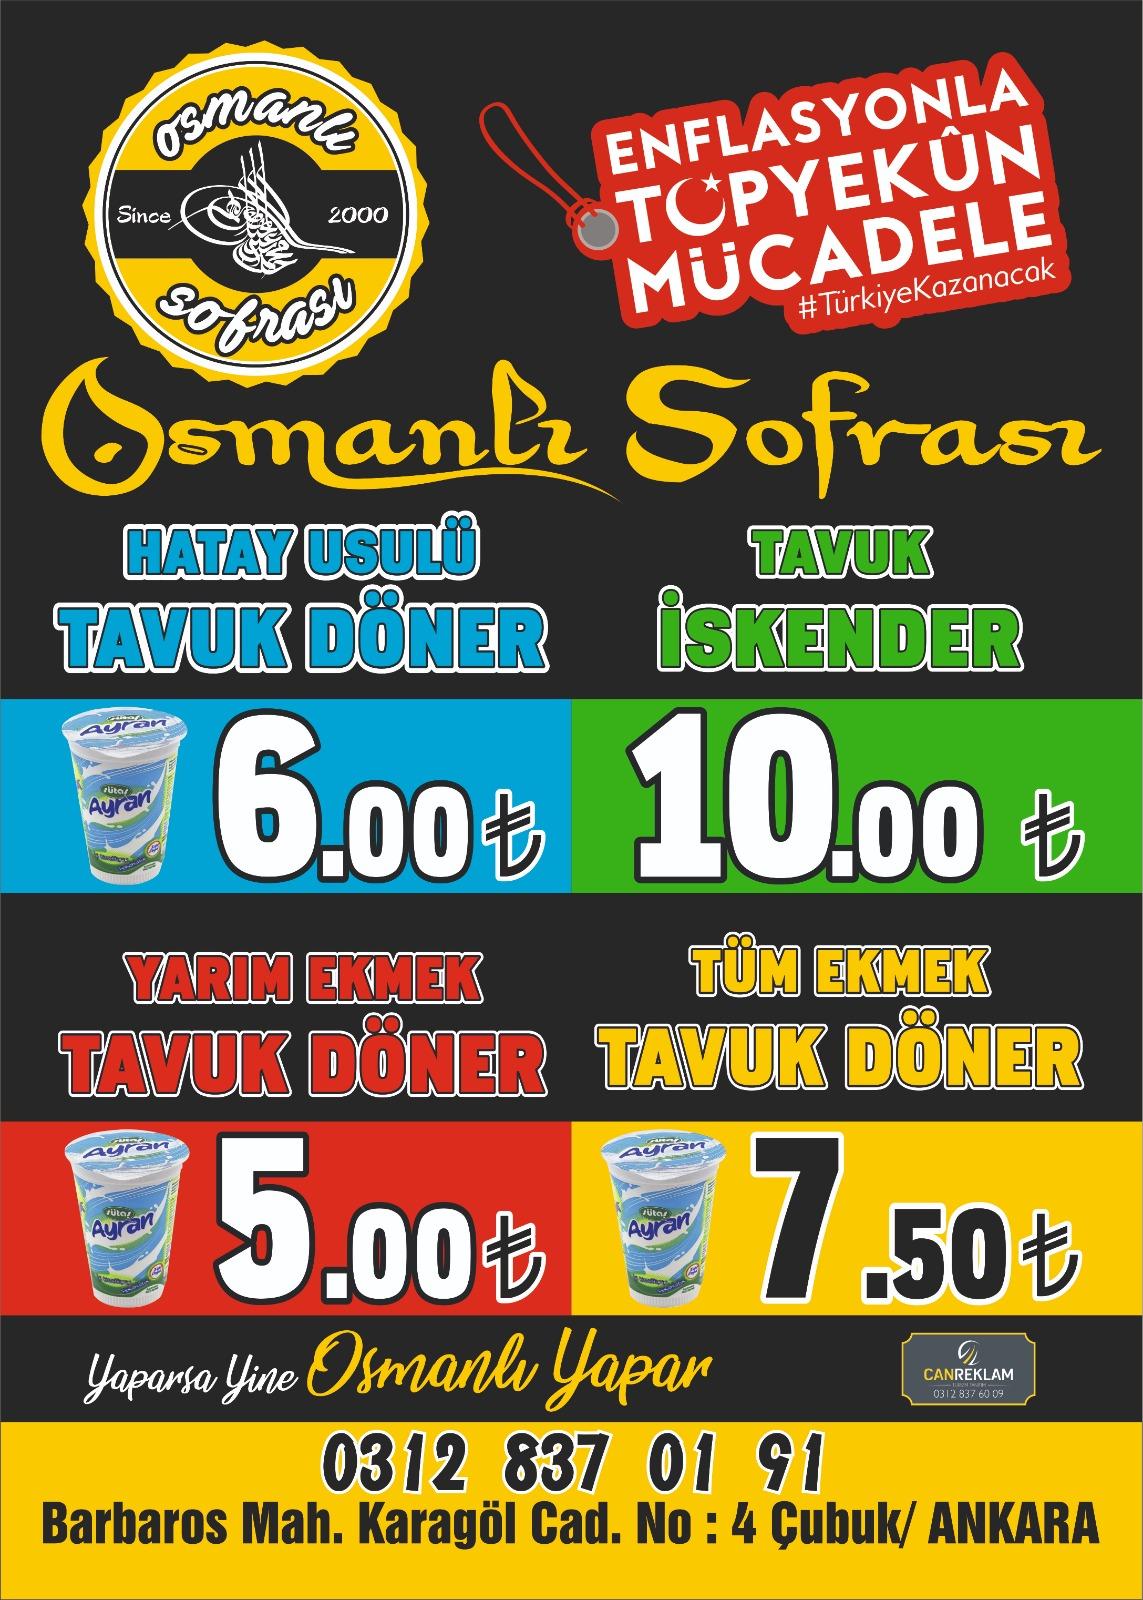 Osmanlı Sofrasında Enflasyon İle Topyekün Mücadele Kampanyası